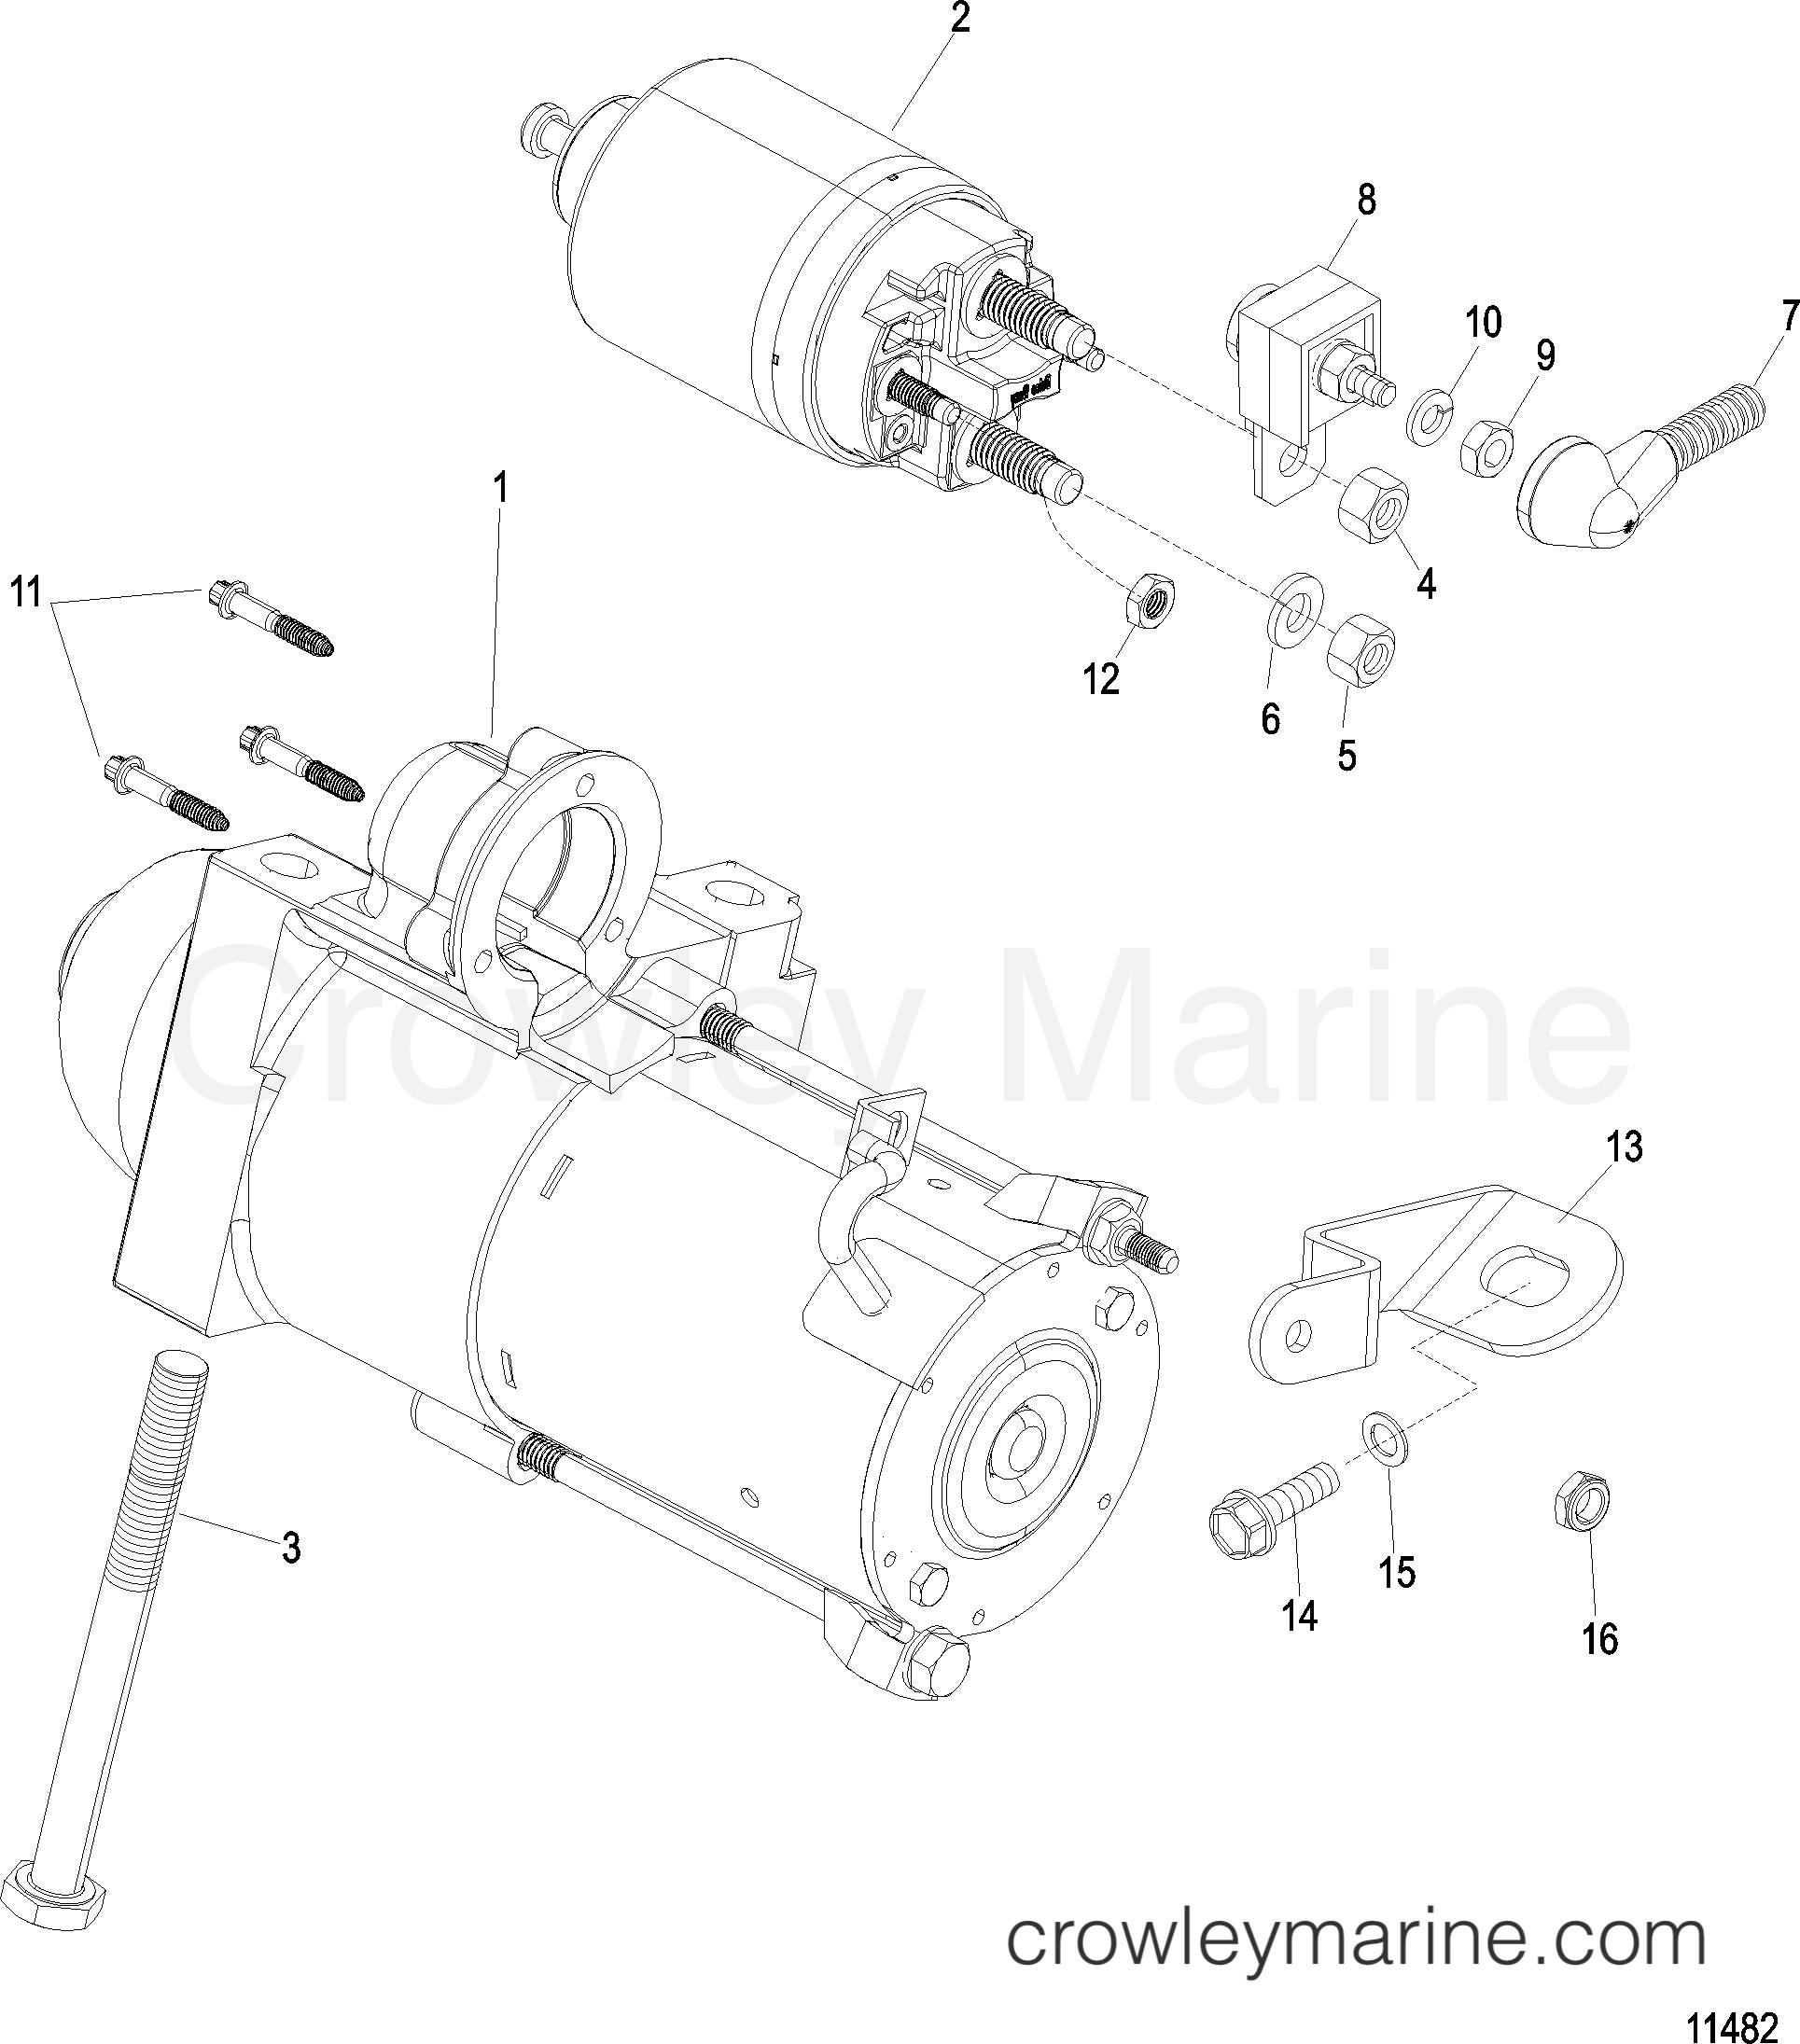 1998 Mercruiser 3.0L [ALPHA] - 4111021UT - STARTER MOTOR section